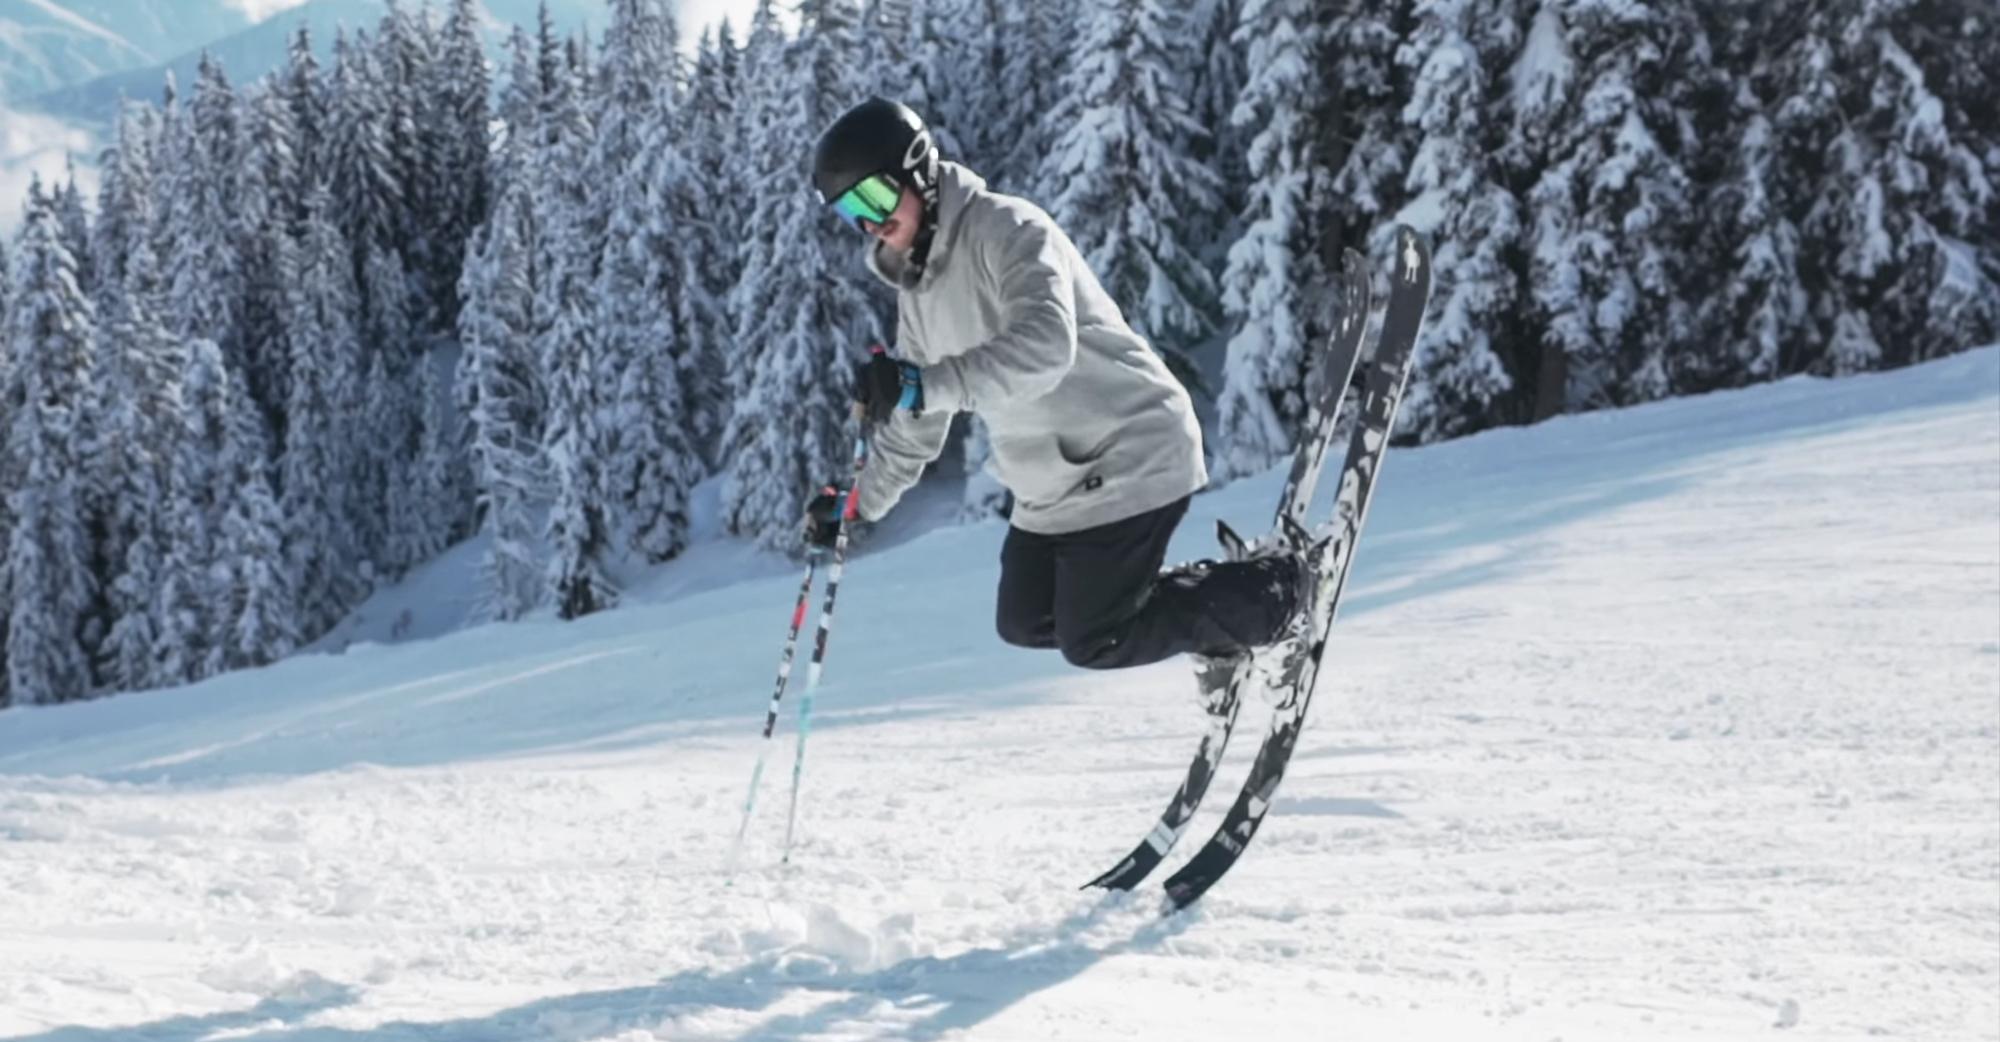 Watch 5 EasytoLearn Ski Tricks  GearJunkie